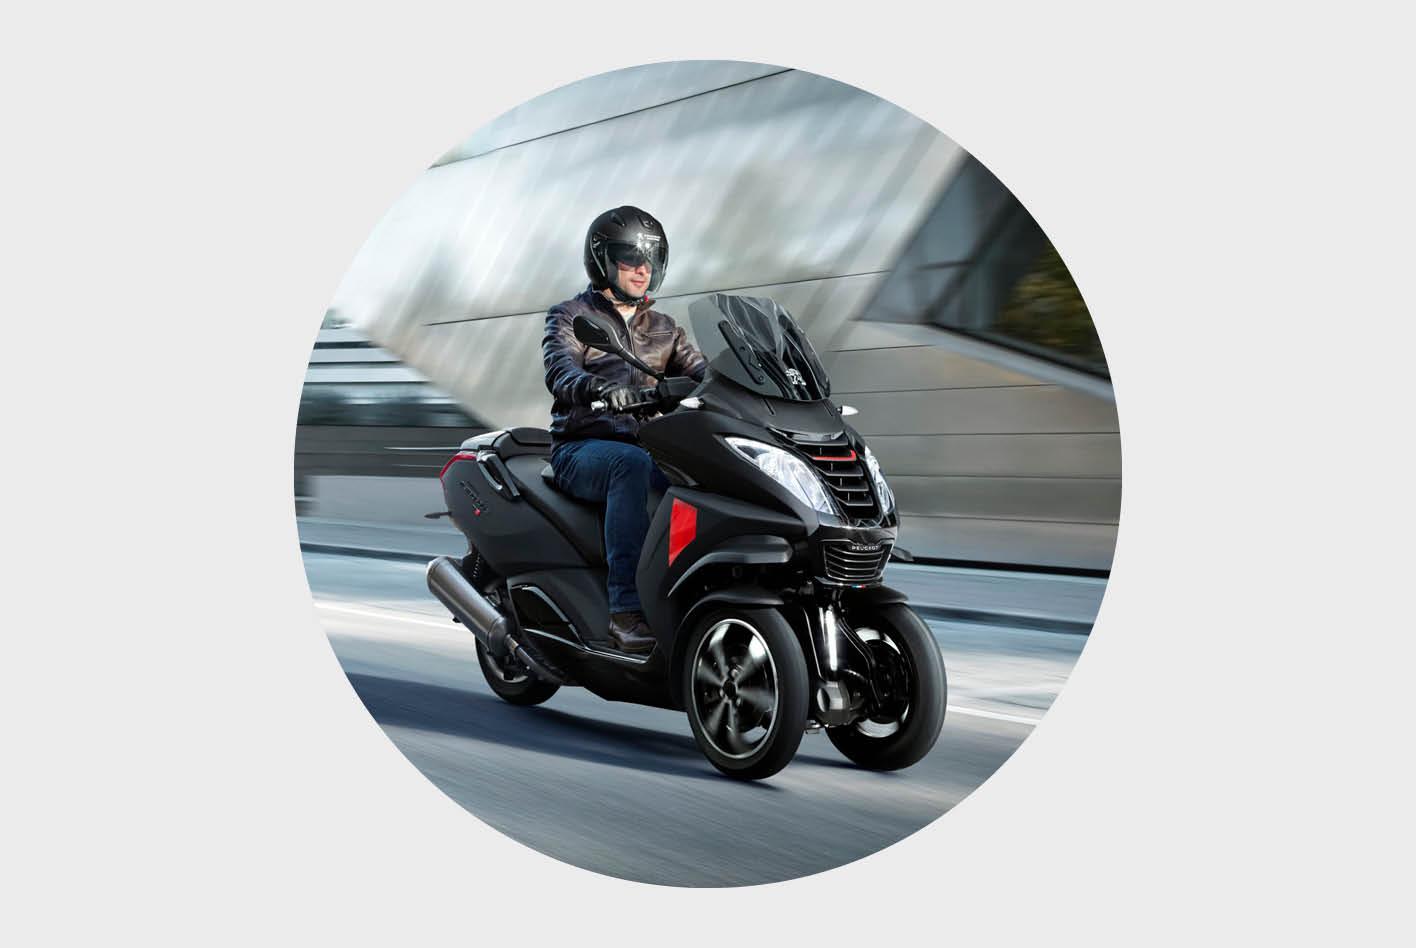 Dreirad-Roller im Vergleich: der Metropolis von Peugeot Motorcycles.